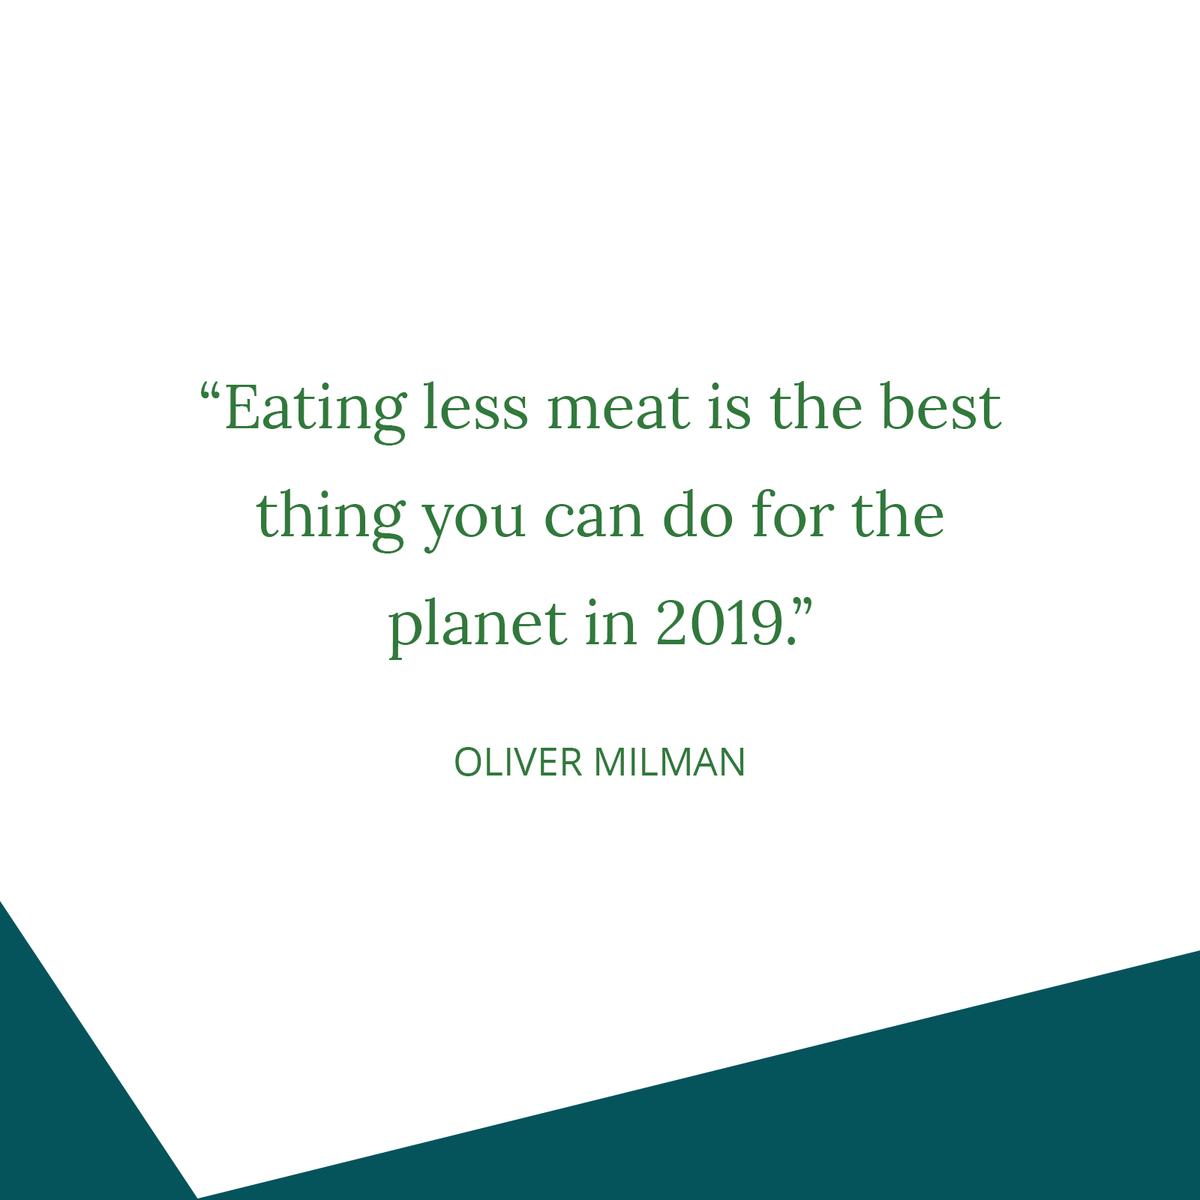 FoodPrint's photo on #MeatlessMonday